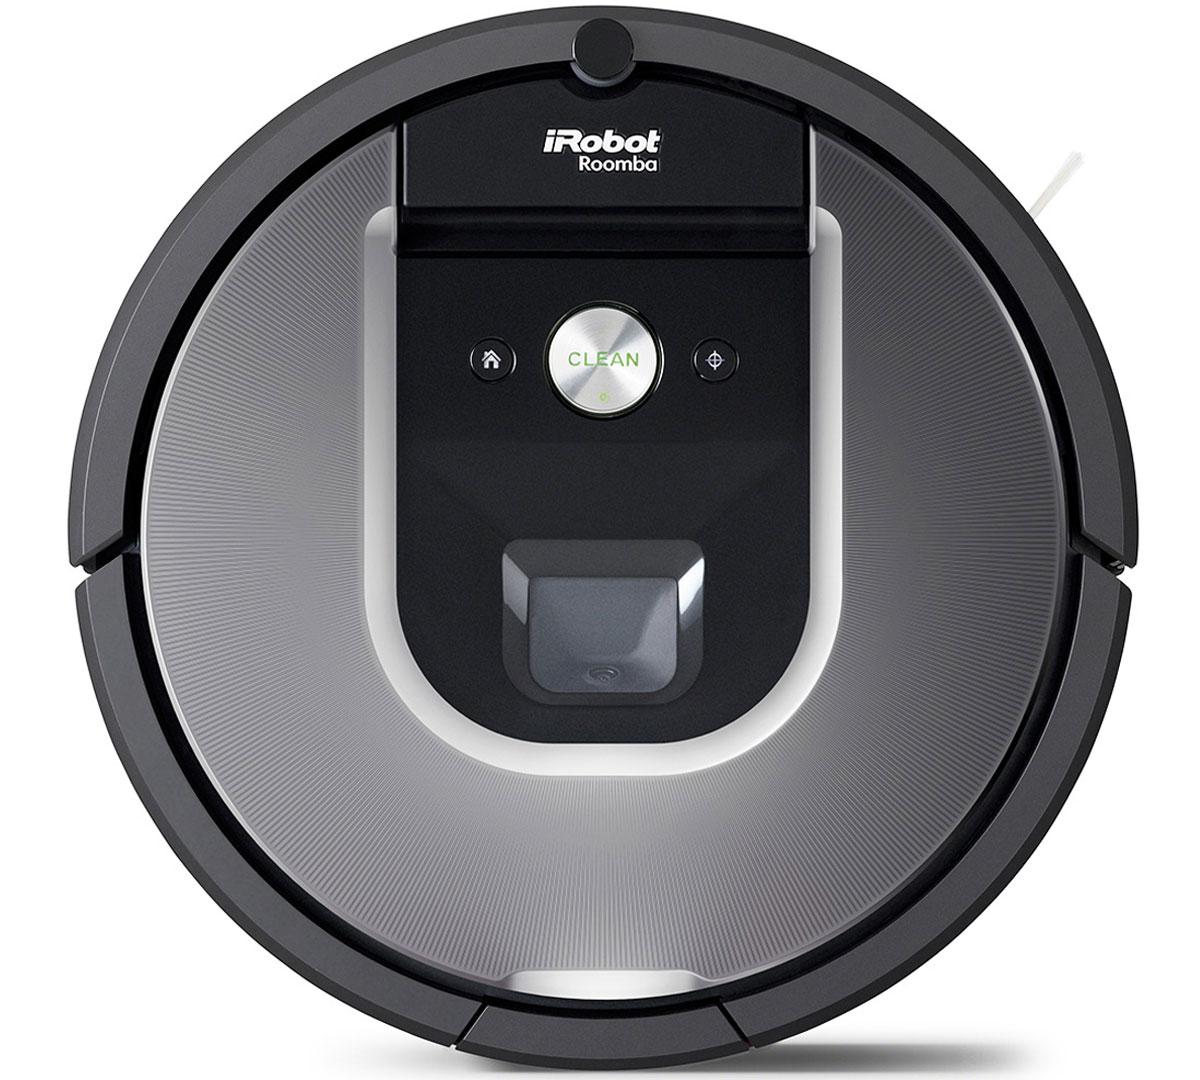 iRobot Roomba 960 робот-пылесосRoomba 960Робот-пылесос iRobot Roomba 960 предназначен для полностью автономной уборки вашей квартиры и дома.Он оснащён беспроводным модулем Wi-Fi для подключения к домашней сети. Теперь Вы можете запускать робот-пылесос когда захотите из любой точки мира. А так же управлять иконтролировать пылесос с помощью мобильного приложении iRobot Home для Android и iOS.Модель использует высокоэффективную систему навигации, большое количество датчиков и 2 камеры для построения карты помещения, адаптации к условиям интерьера и типам напольных покрытий. Это гарантирует, что ни один участок пола не останется без внимания. А благодаря нижней камере робот распознаёт типы напольных покрытий и при уборке ковра автоматически увеличивает силу всасывания в 10 раз. На одном заряде аккумуляторной батареи робот способен убираться до 180 минут. Если же заряда не хватило на уборку всей площади - робот самостоятельно вернется на зарядную базу и после подзарядки продолжит уборку с того места, на котором остановился. Впервые в роботе-пылесосе Roomba была применена запатентованная технология - Визуальная система оперативного ориентирования и составления карты (vSLAM), которая регистрирует ориентиры, отслеживает траекторию перемещения и запоминает маршрут уборки. Модель Roomba 960, как и модели предыдущей 800-й серии, для уборки используют два резиновых валика-скребка, что уменьшает наматывание волос, шерсти и облегчает очистку после уборки. Улучшена функция виртуальной стены, которая позволят оградить определенные зоны помещения, чтобы защитить от работающего робота миски для пищи и воды домашних животных, а также другие вещи, которые вы держите на полу и не хотите убирать при работе пылесоса. Два режима ограждения в одном устройстве: линейное и радиальное ограждение.Емкость аккумулятора: 2130 мАчДатчик перепада высот